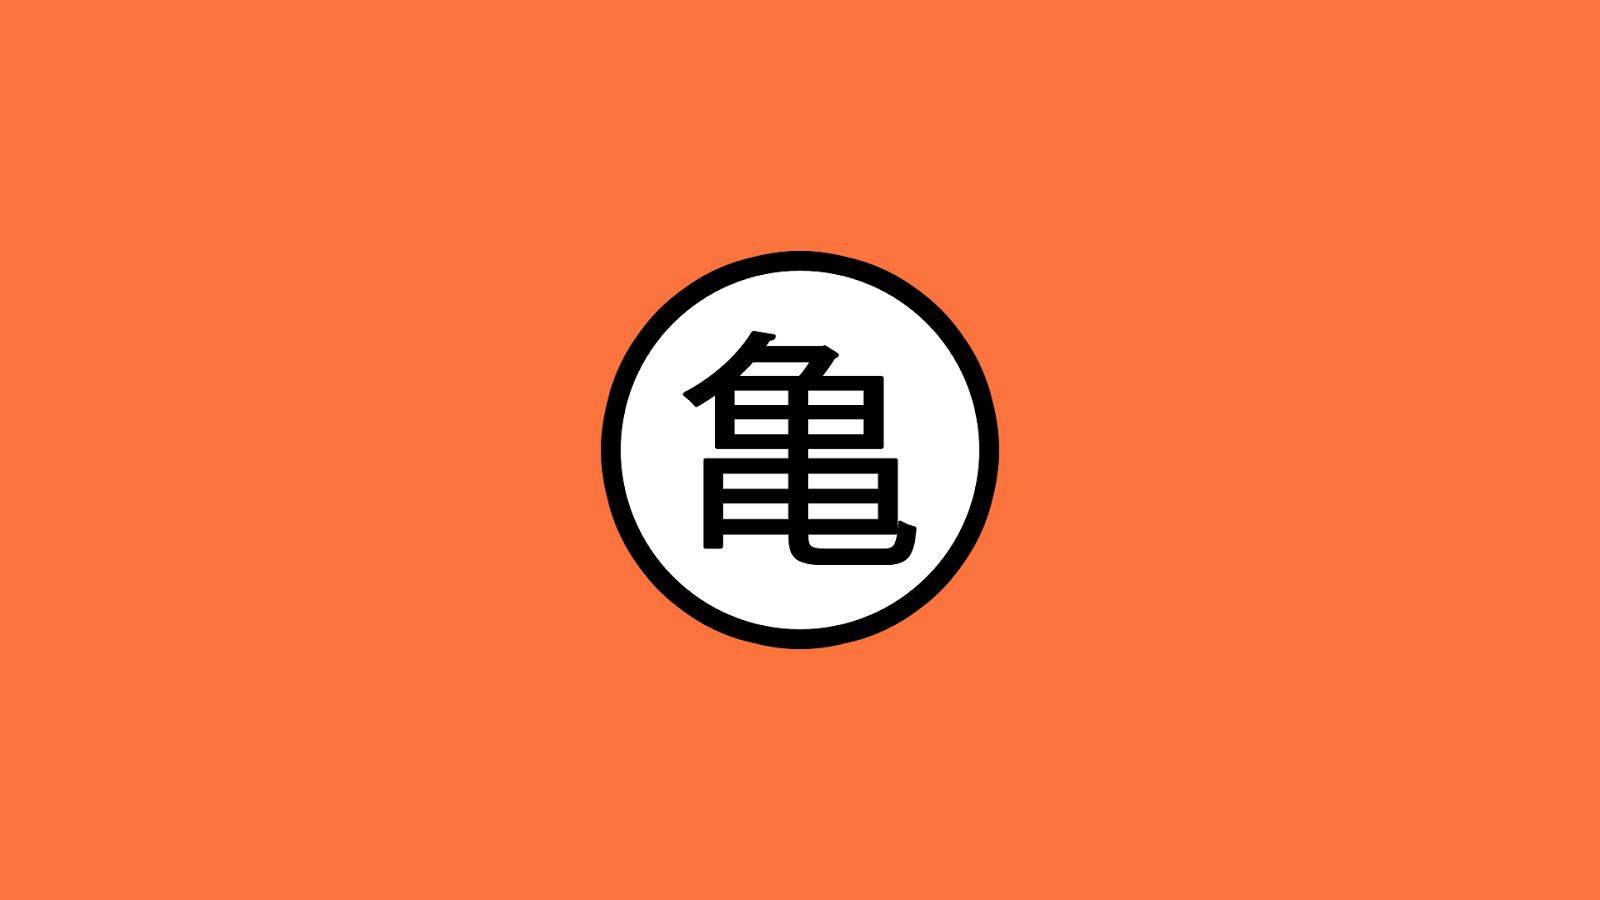 Papel de Parede Símbolo kanji Dragon Ball Z dbz wallpaper image hd free